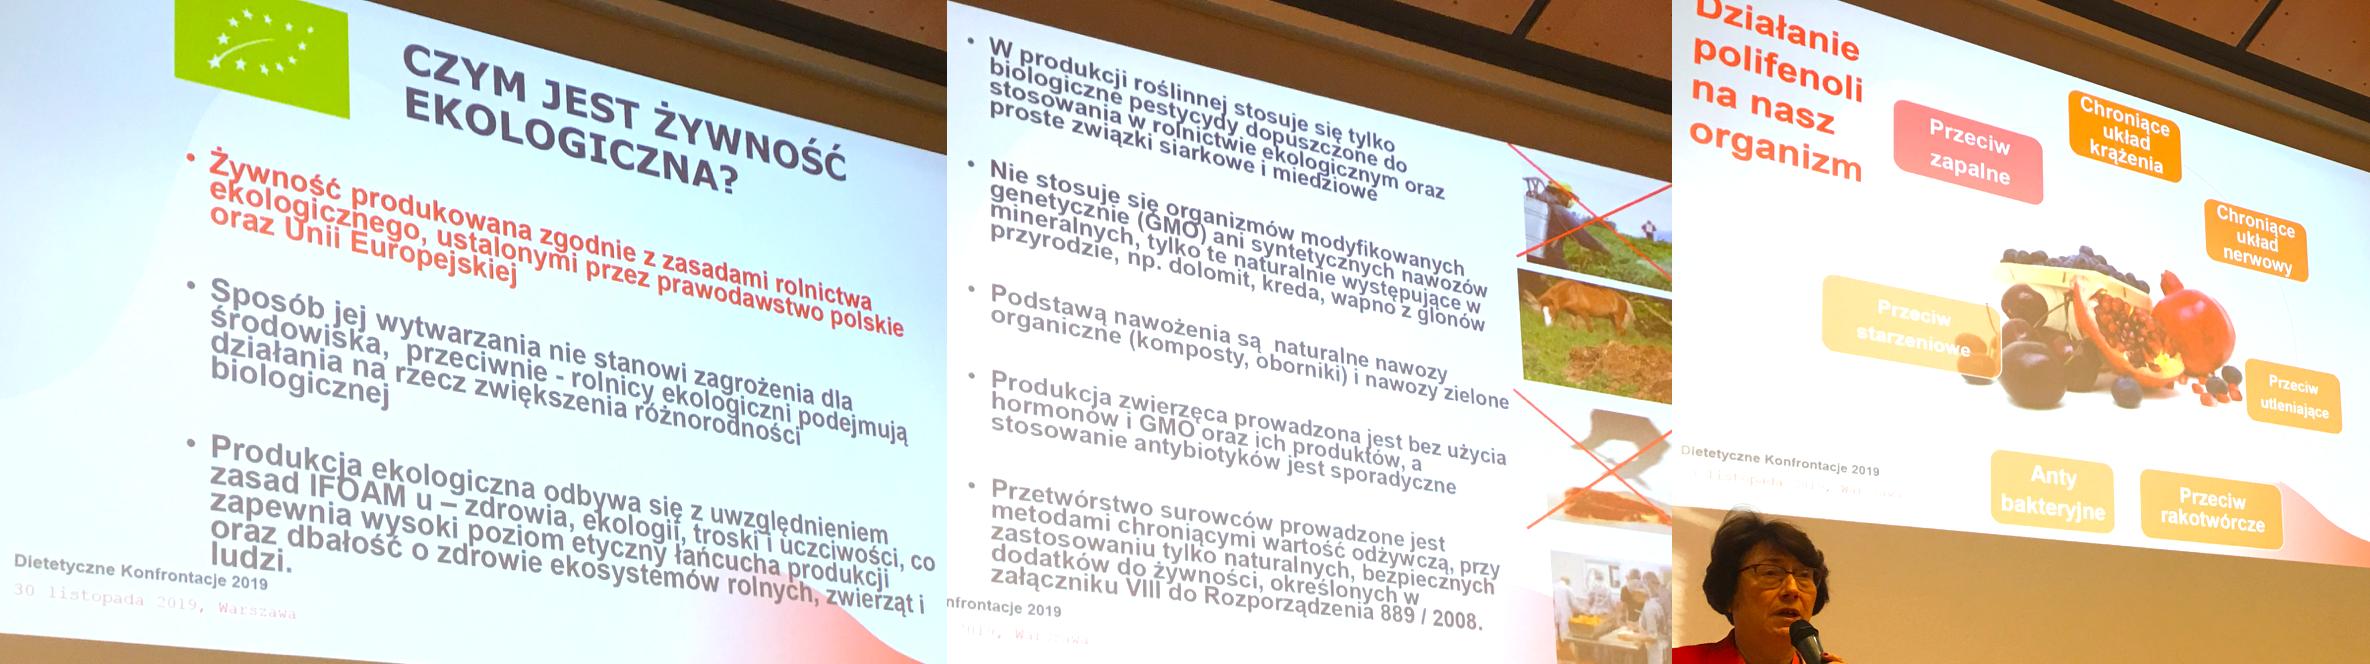 hipoalergiczni-odpornosc-contra-wirus-koronawirus-walka-ekozywnosc-fragment-wykladu